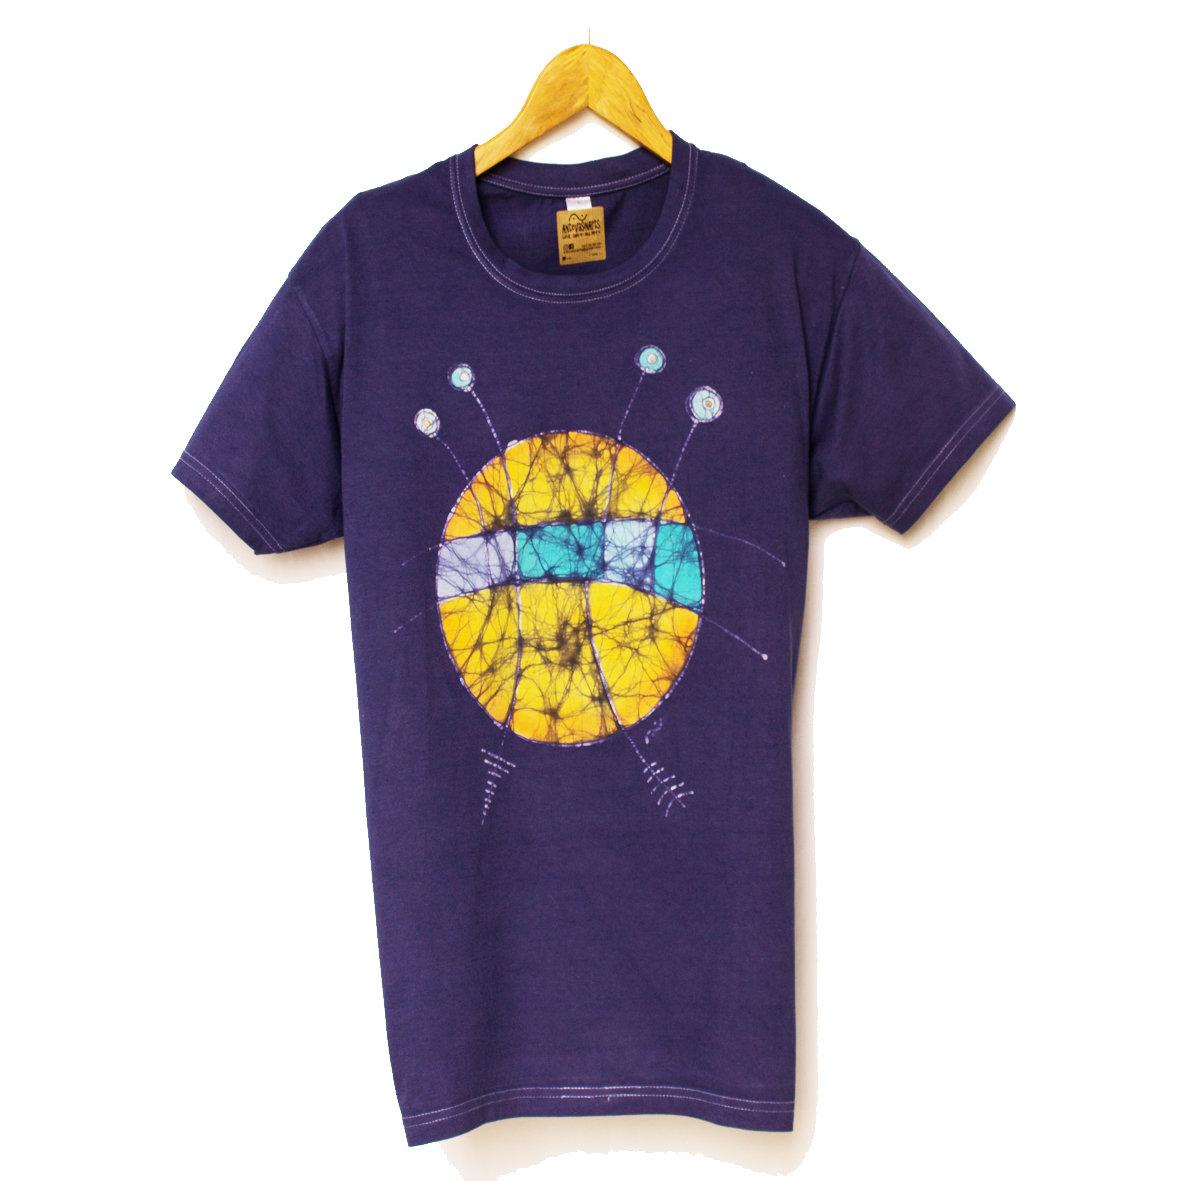 Camiseta Planeta/ T-Shirt Planet